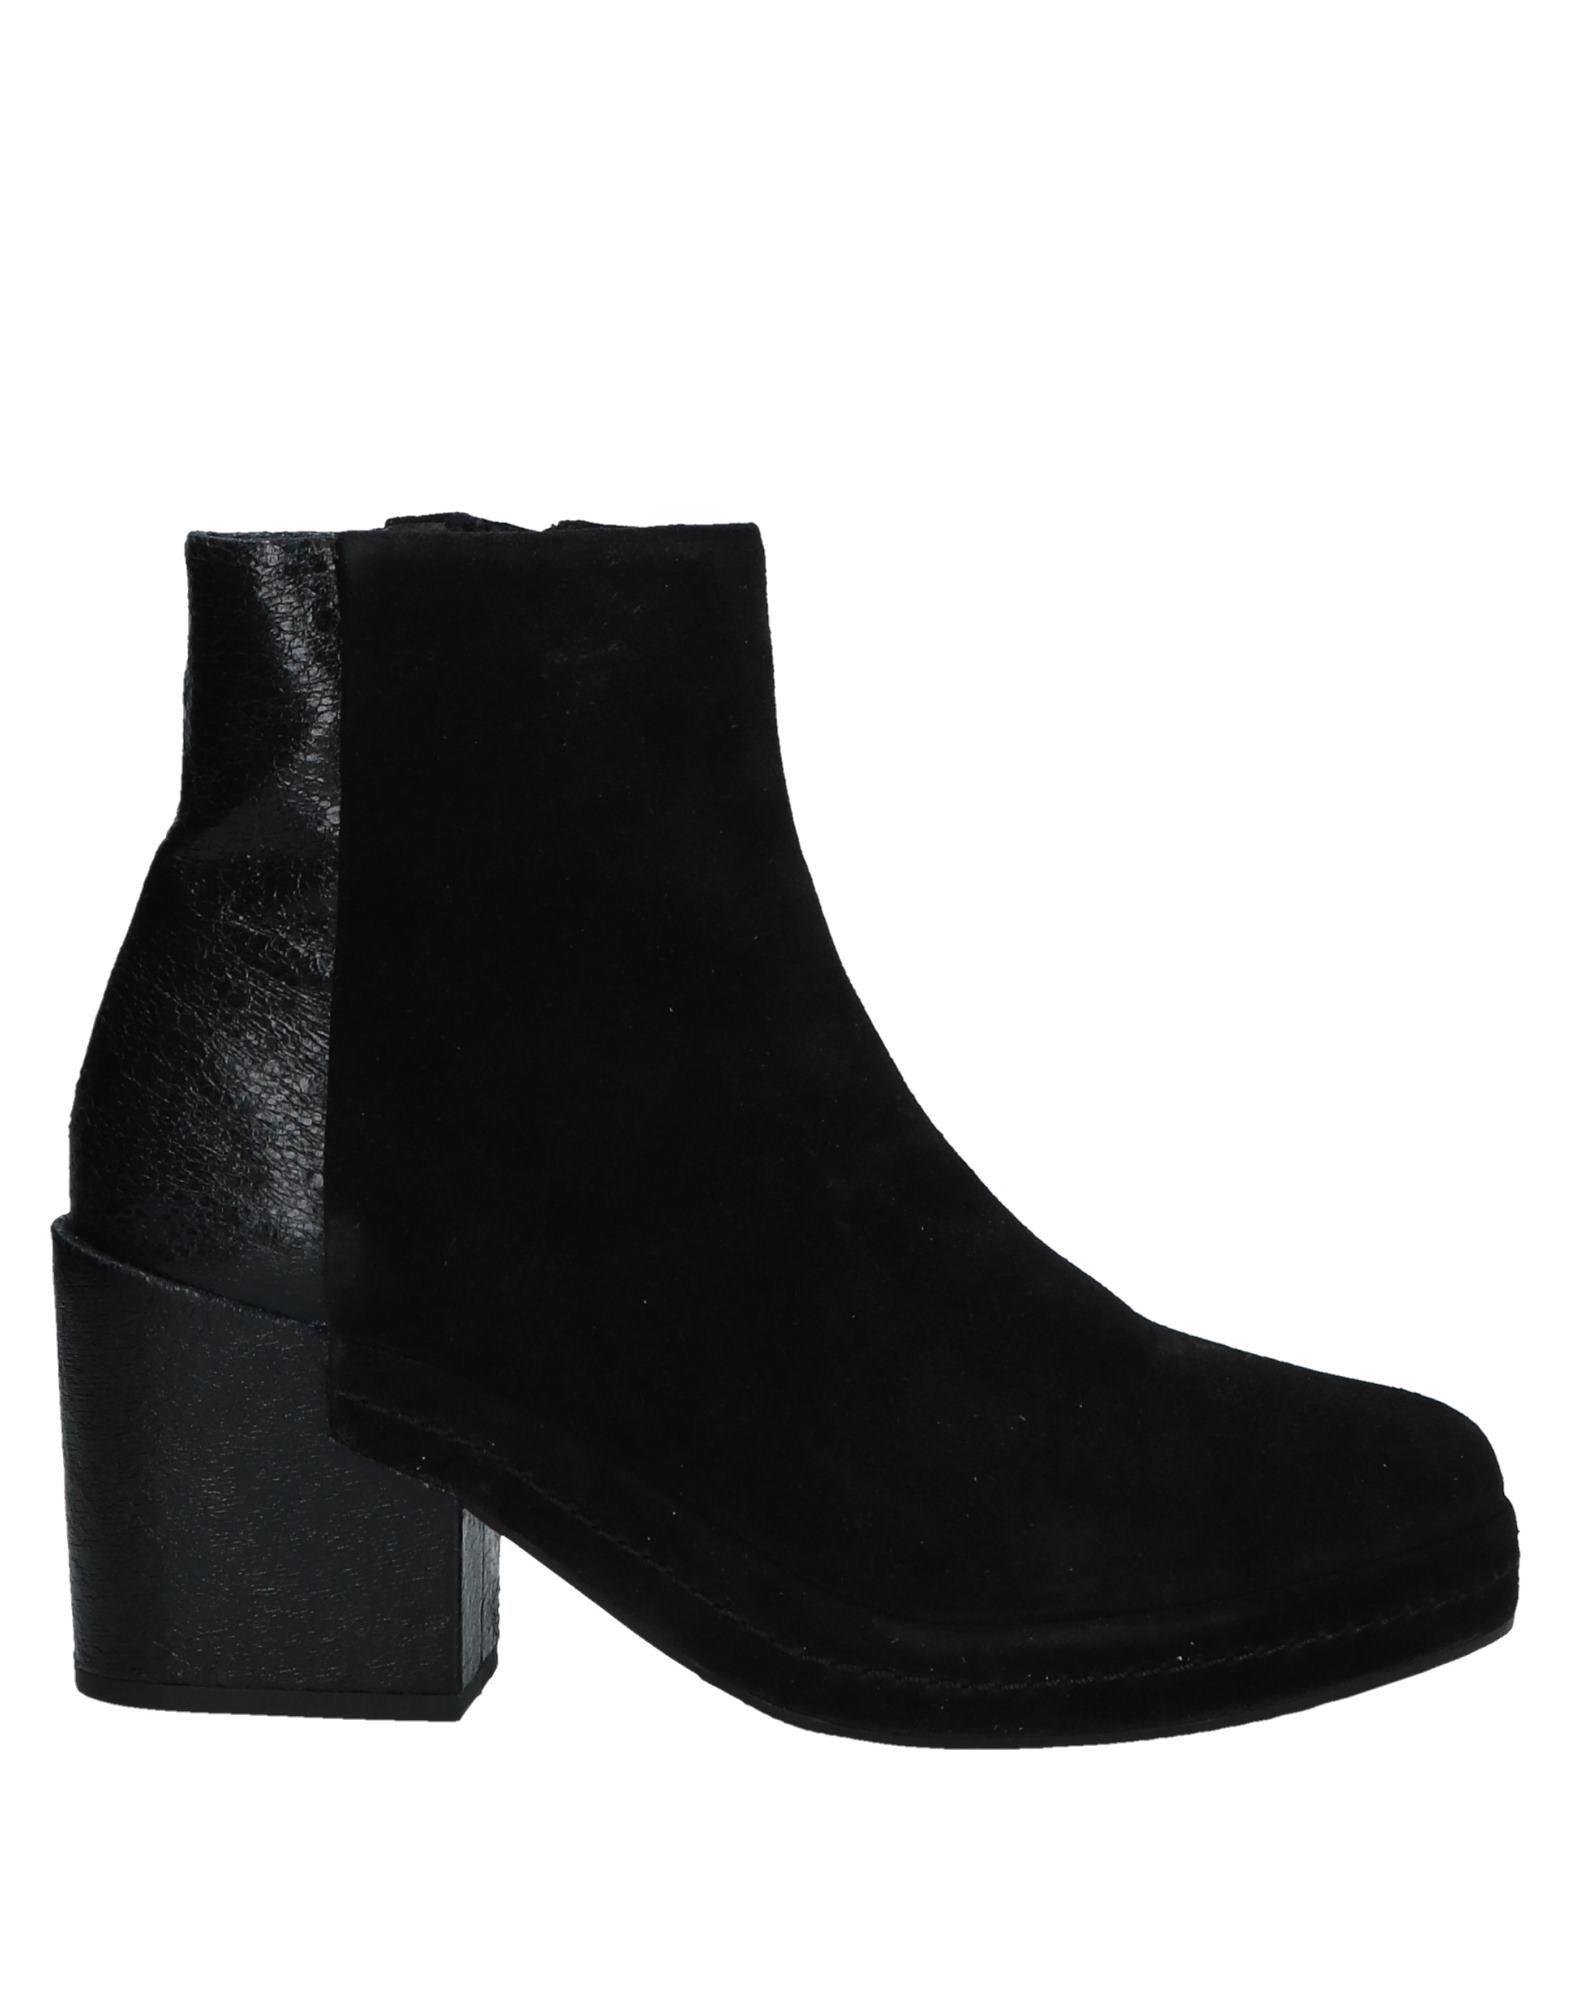 Elvio Zanon Stiefelette Damen  11567394GP Gute Qualität beliebte Schuhe